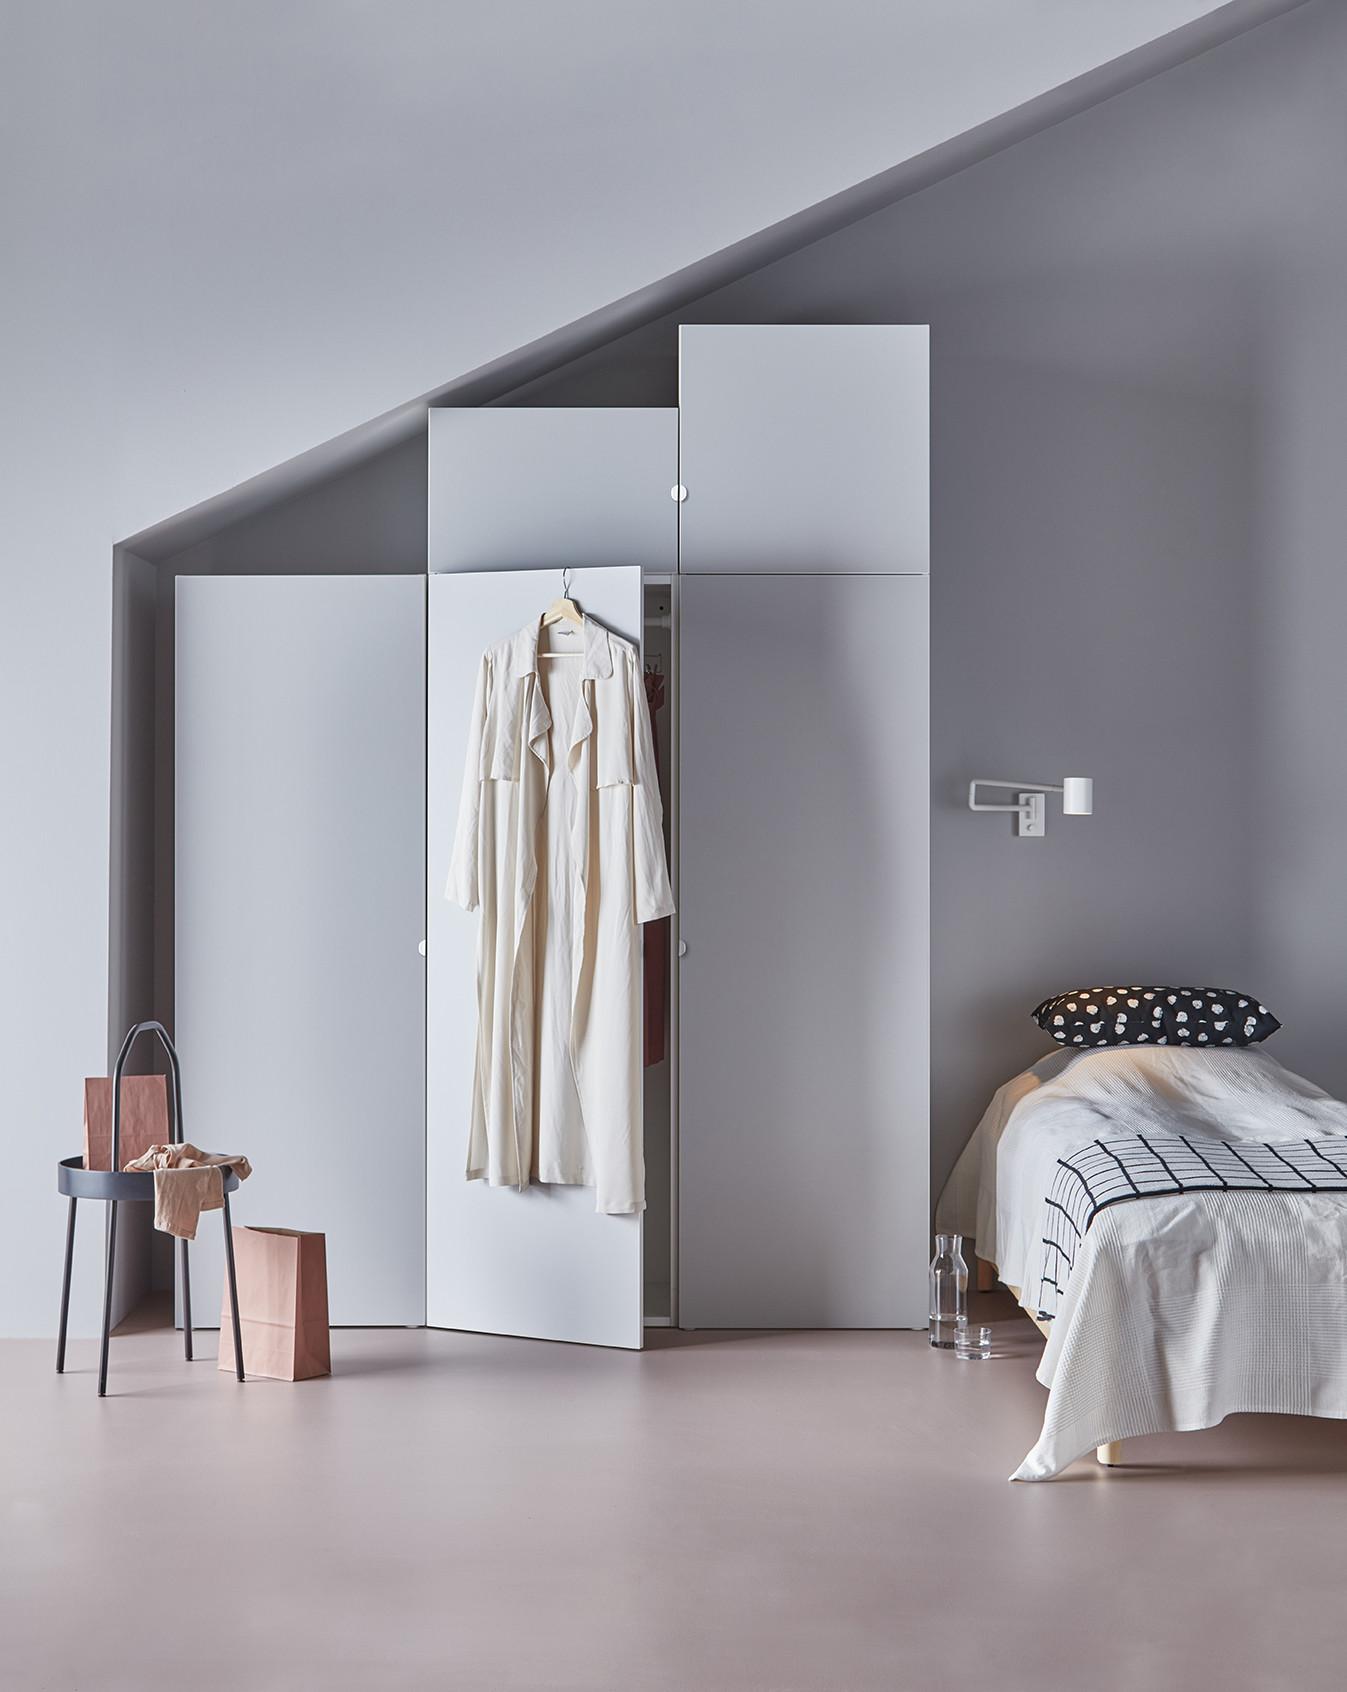 Puntuación asiático sitio  Catálogo Ikea 2019: Todas las novedades para mantener el orden en casa